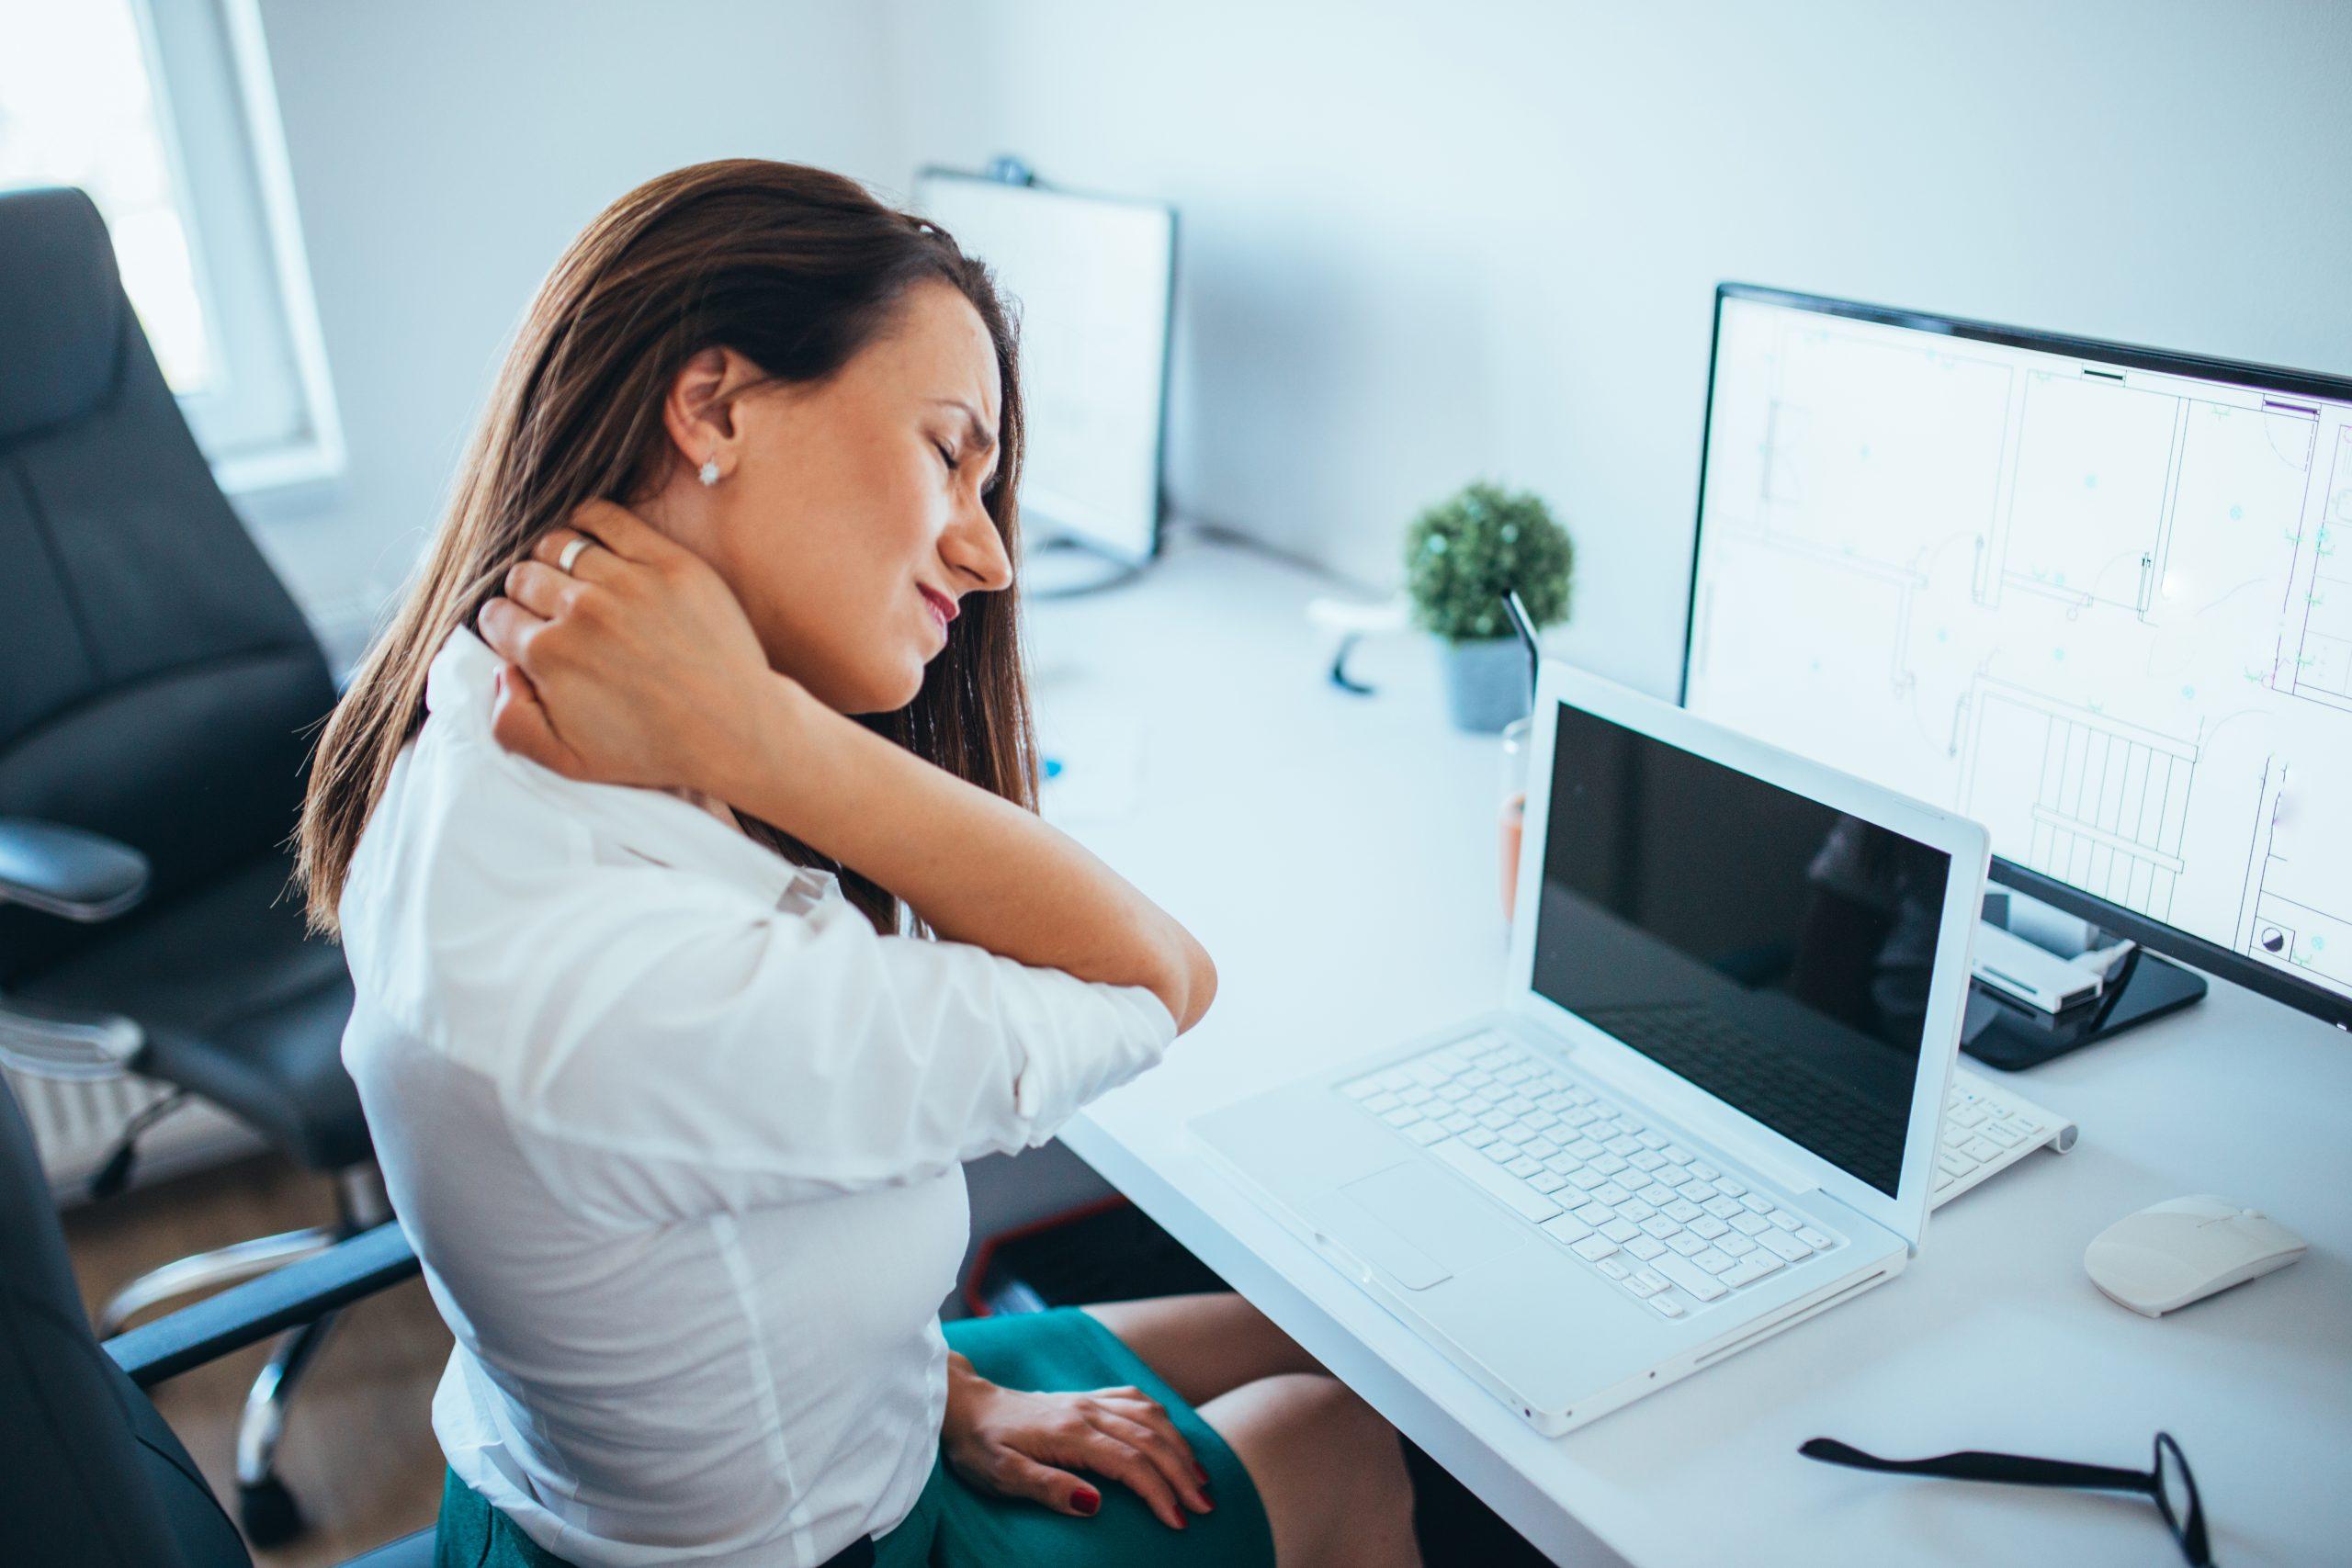 Eine junge Geschäftsfrau leidet unter Nackenschmerzen